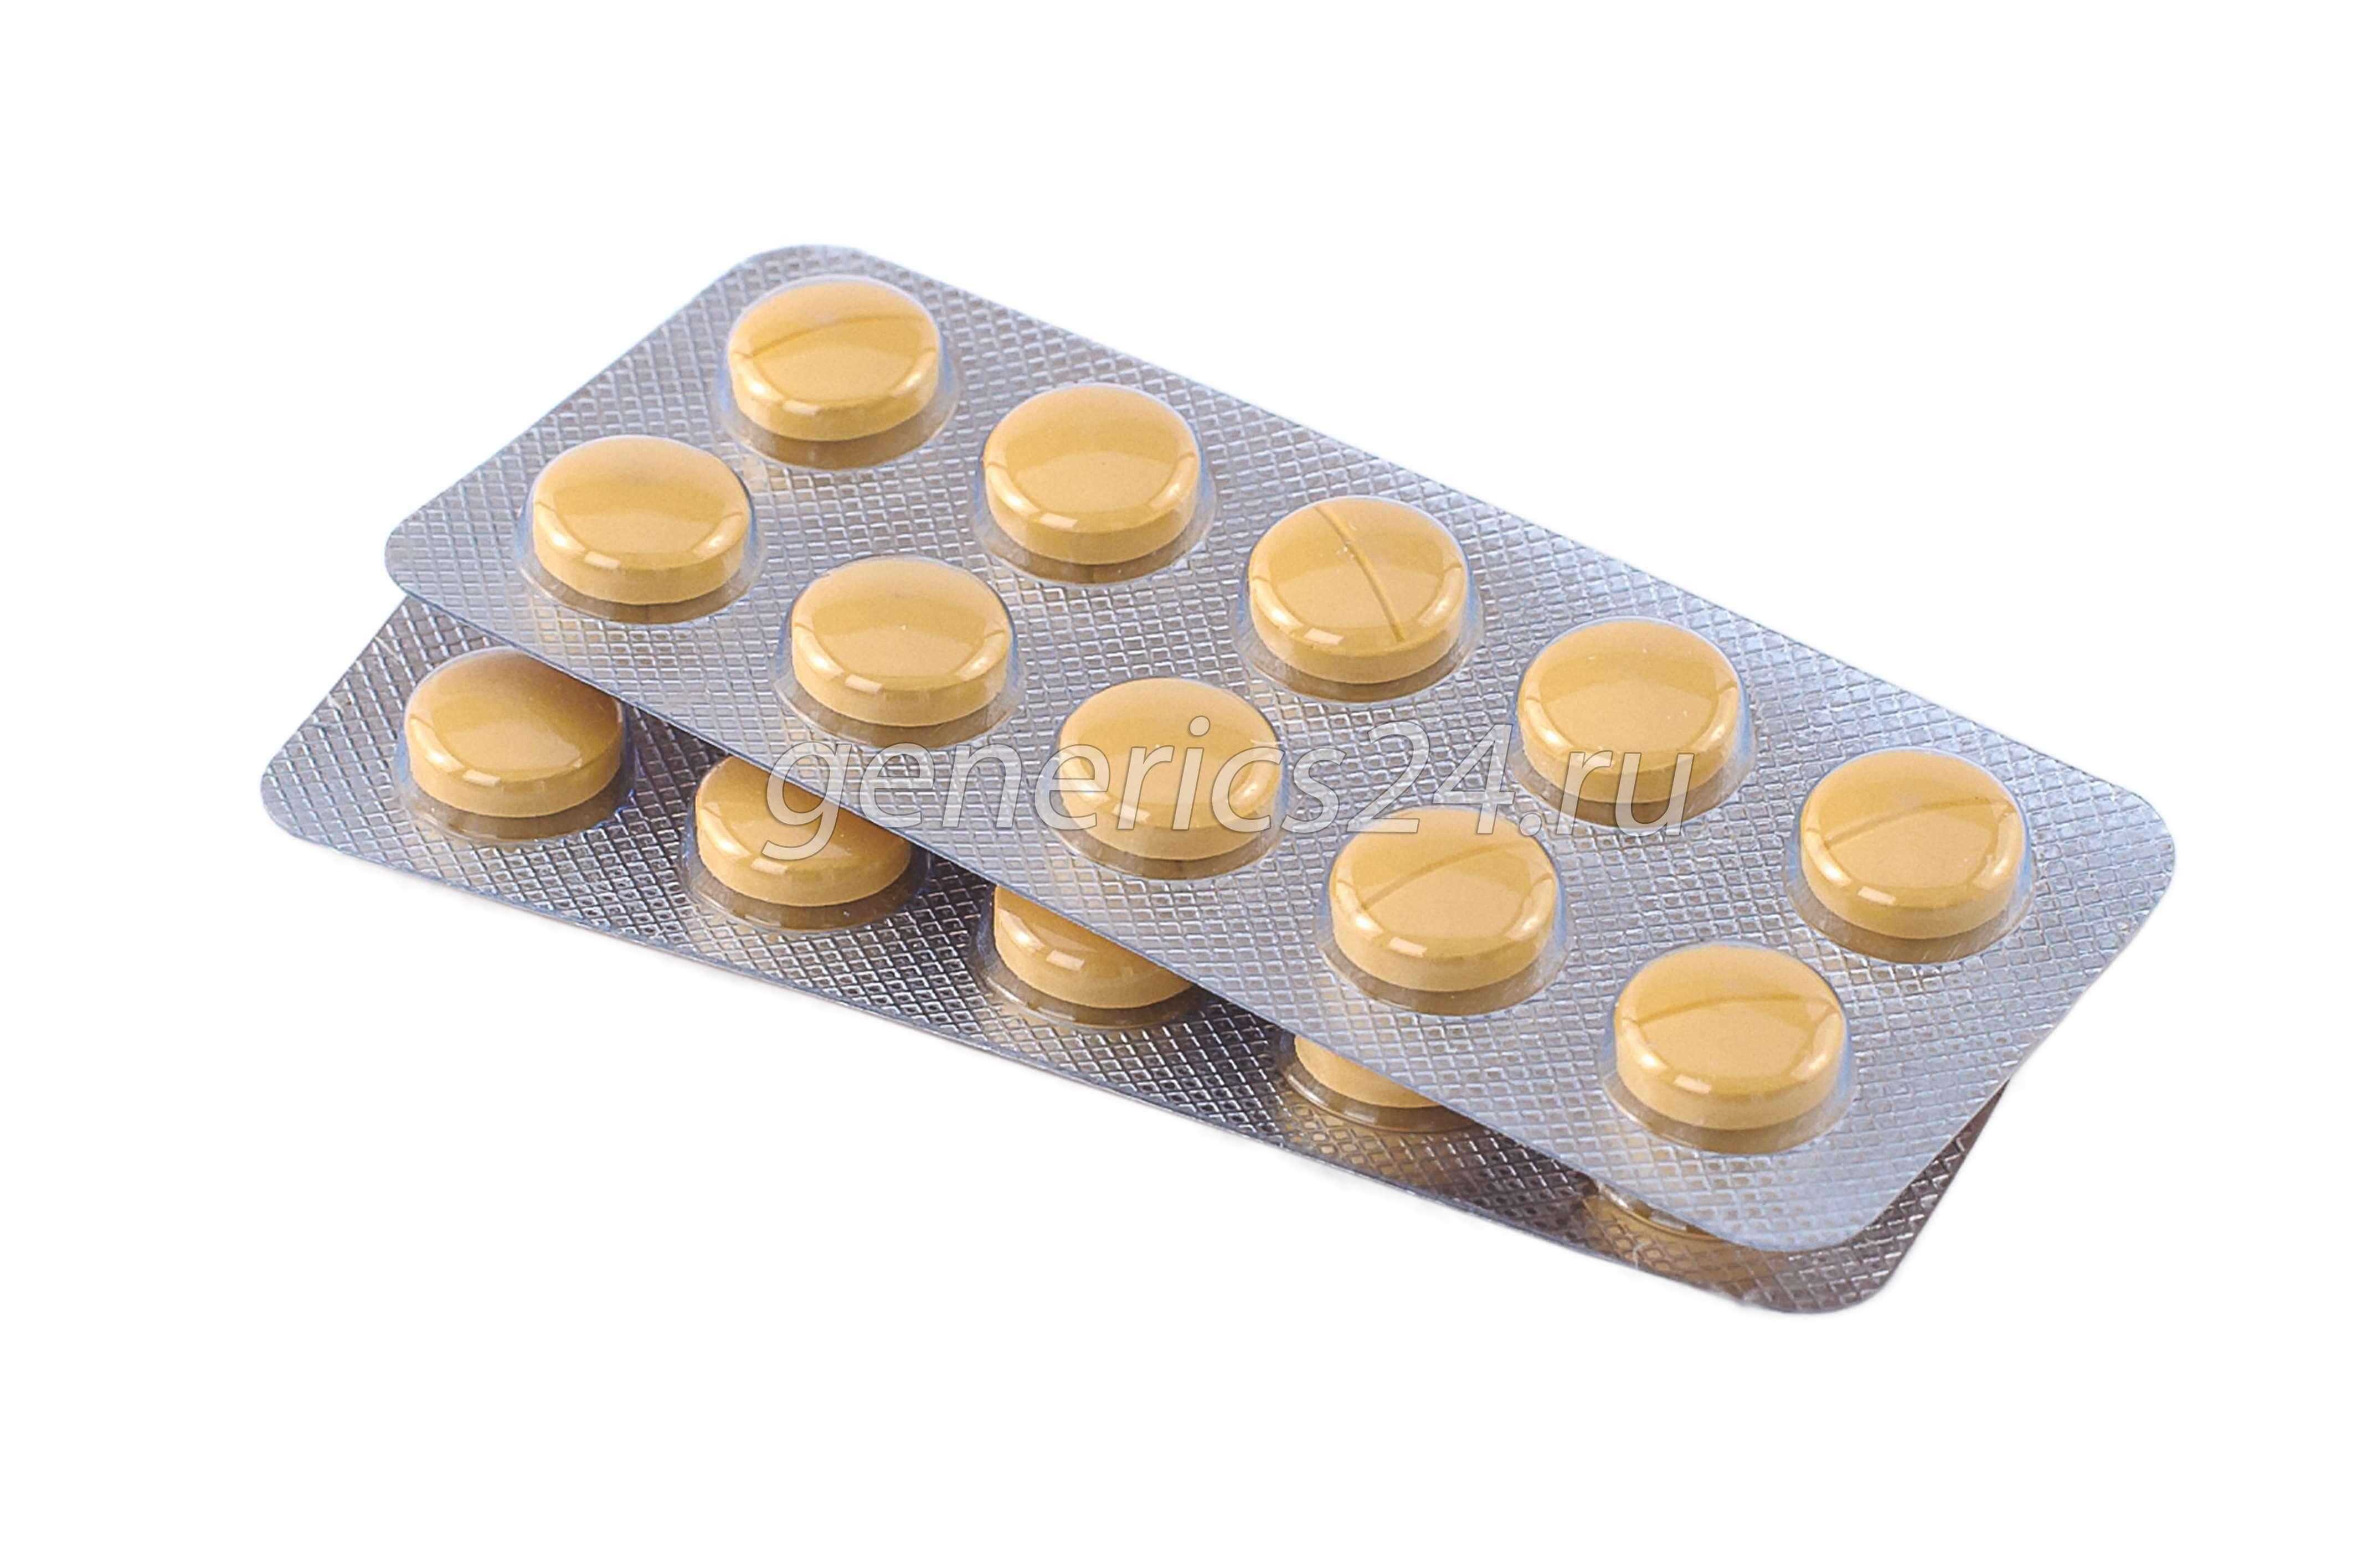 Viagran Hinta Thaimaassa